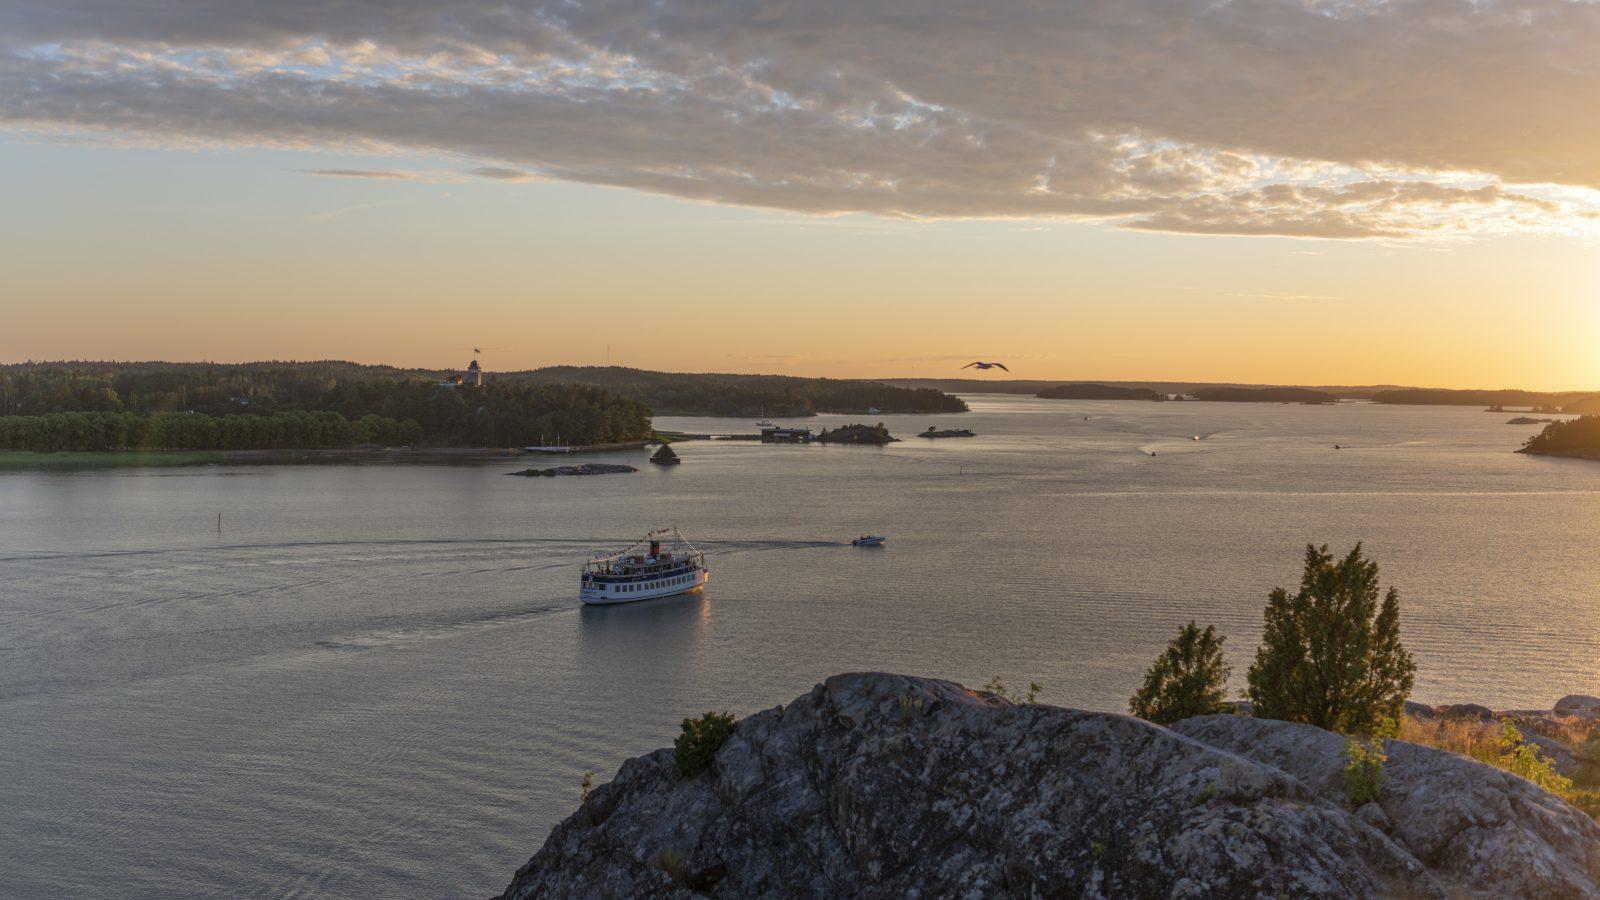 Naantalinlahti Kuparivuoren kallioilta auringonlaskun aikaan, lahdella ajaa valkoinen Rudolfina-laiva Kultarannan kivilinnan edusatlla.